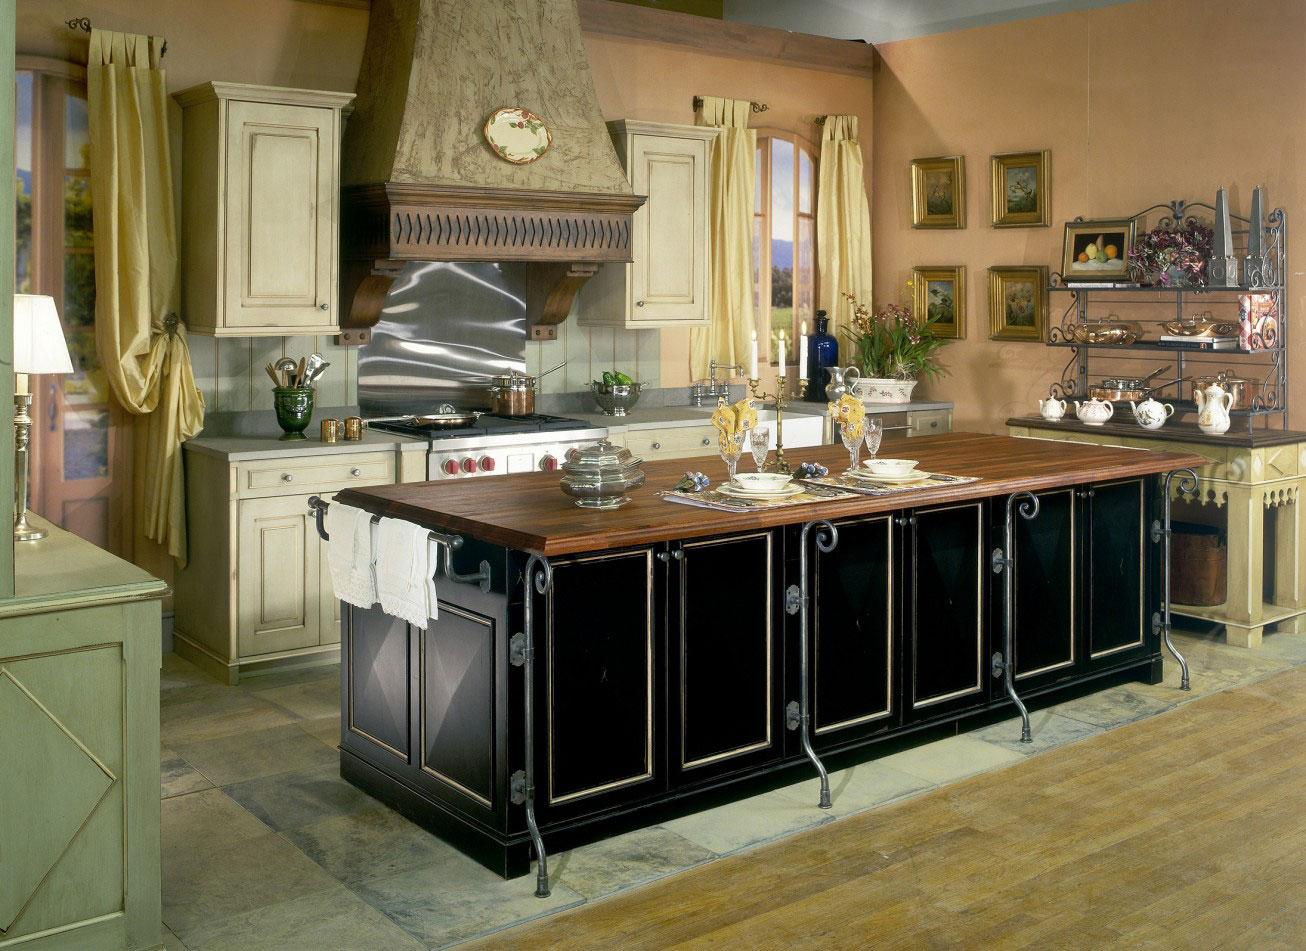 Southwestern-inredning-design-stil-och-dekoration-idéer-3 Southwestern inredning, stil och dekoration idéer